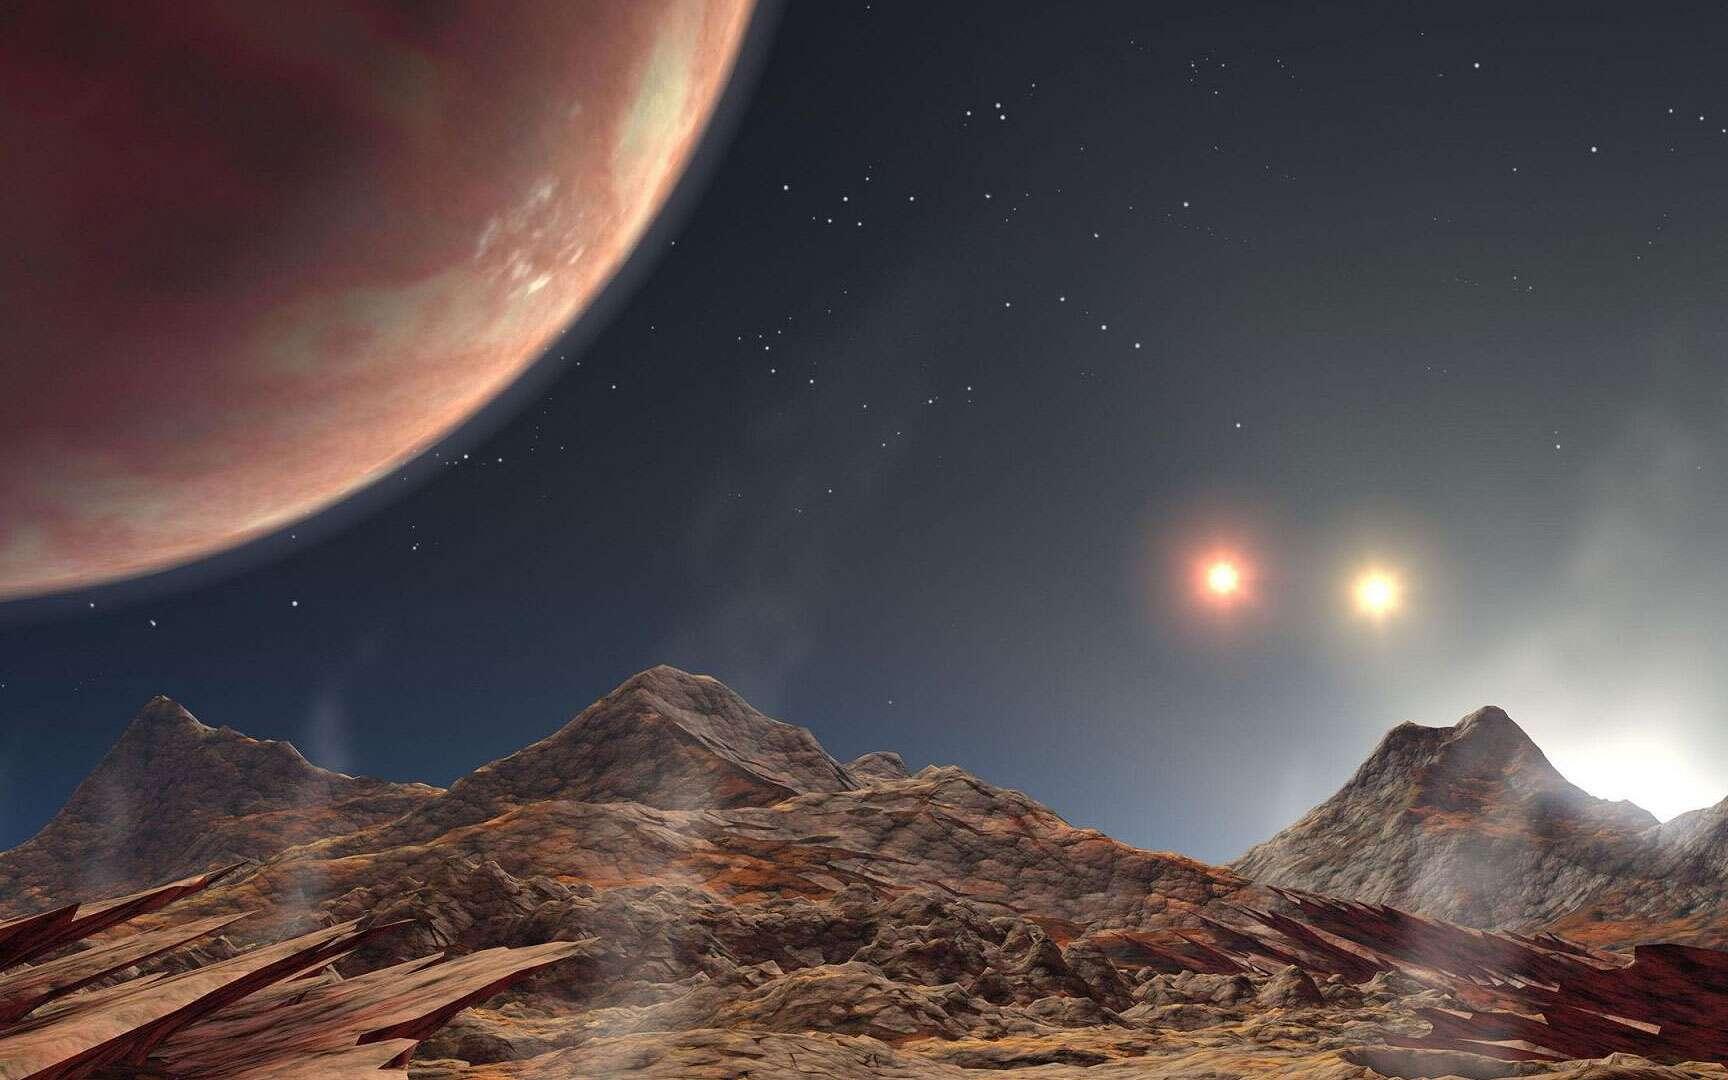 Même si cette vue d'artiste fait penser à un monde parallèle, cette interprétation est basée sur un fait avéré : la découverte d'une planète chaude de la taille de Jupiter (en haut à gauche sur l'image) dans le triple système stellaire HD 188753. Située à 149 années-lumière, dans la constellation du Cygne, cette planète massive appelée HD 188753 Ab a été détectée par Maciej Konacki après l'analyse des données de l'observatoire Keck, situé à Hawaï. Ici, l'observateur serait situé sur un satellite de cette Jupiter chaude. © Nasa JPL Caltech